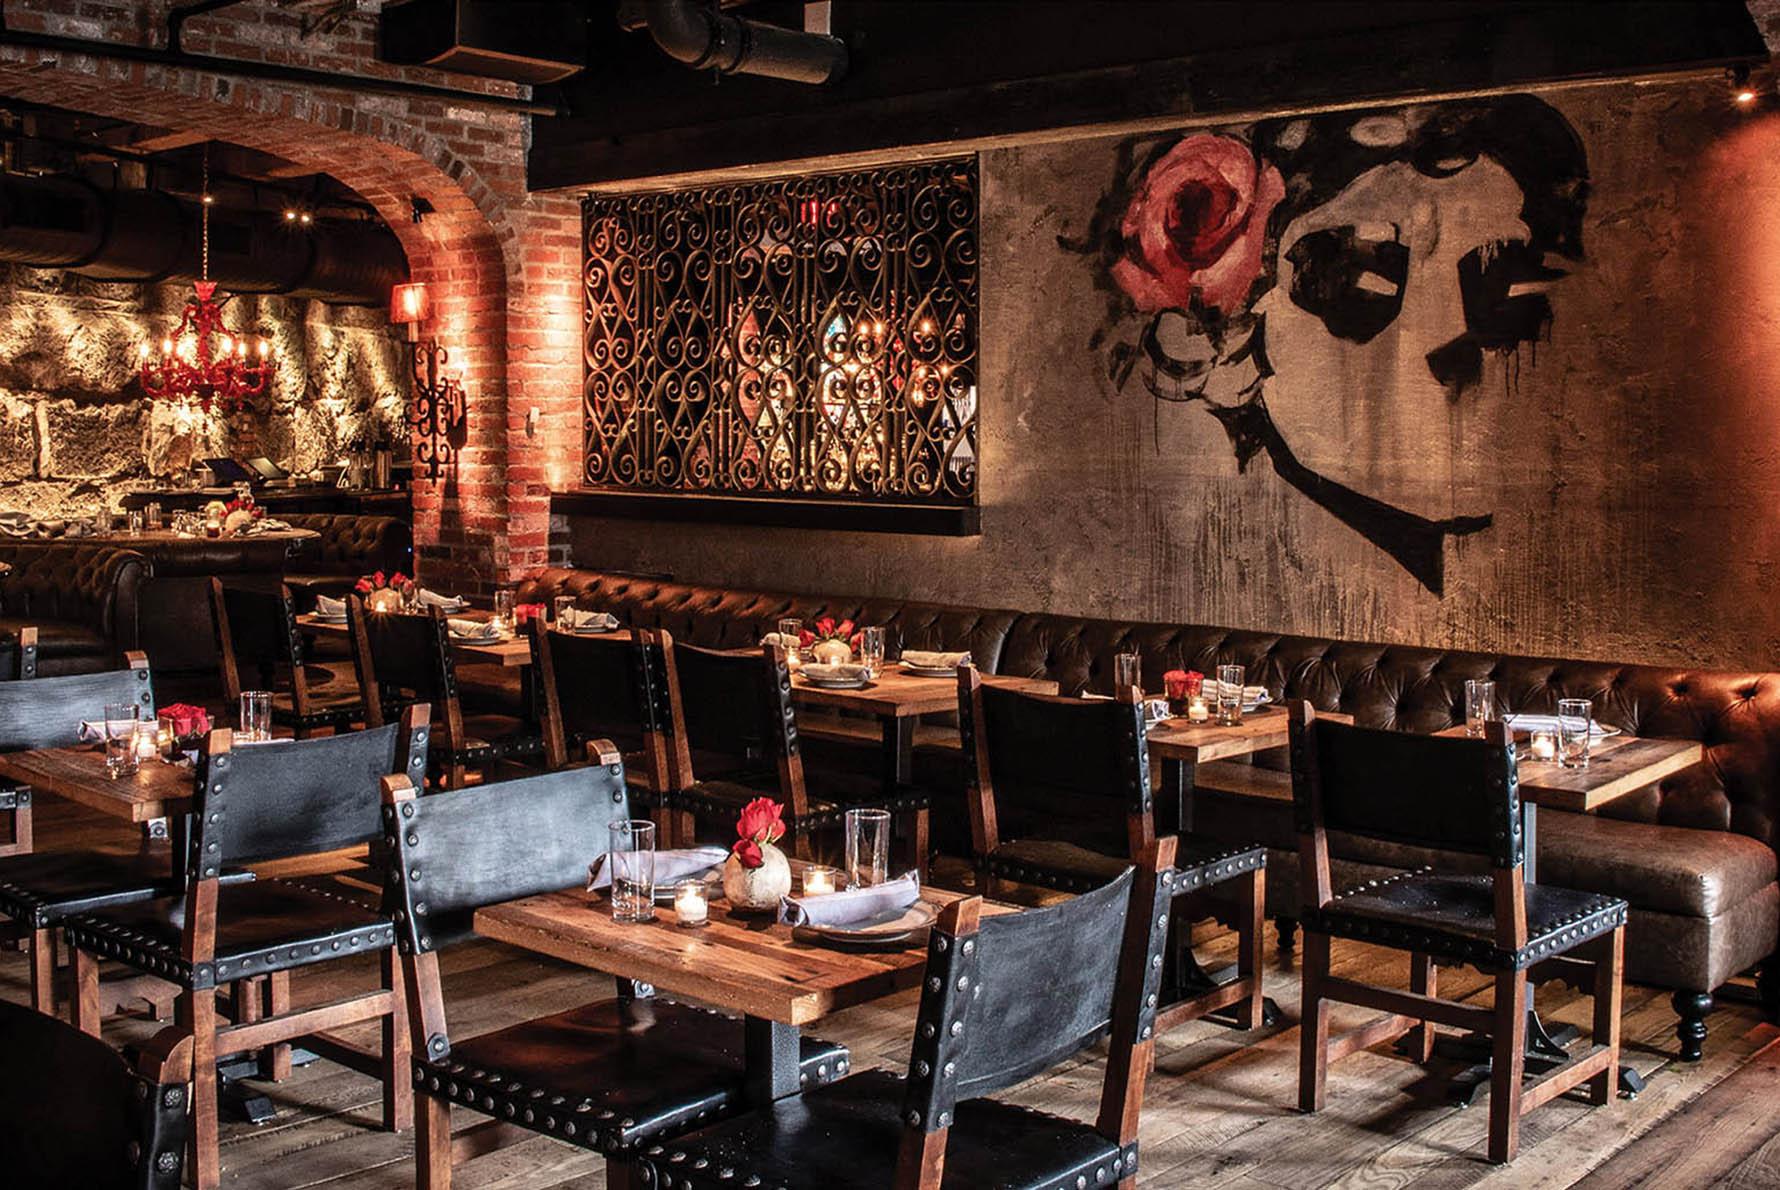 Boston Seaport Lolita Cocina Tequila Bar